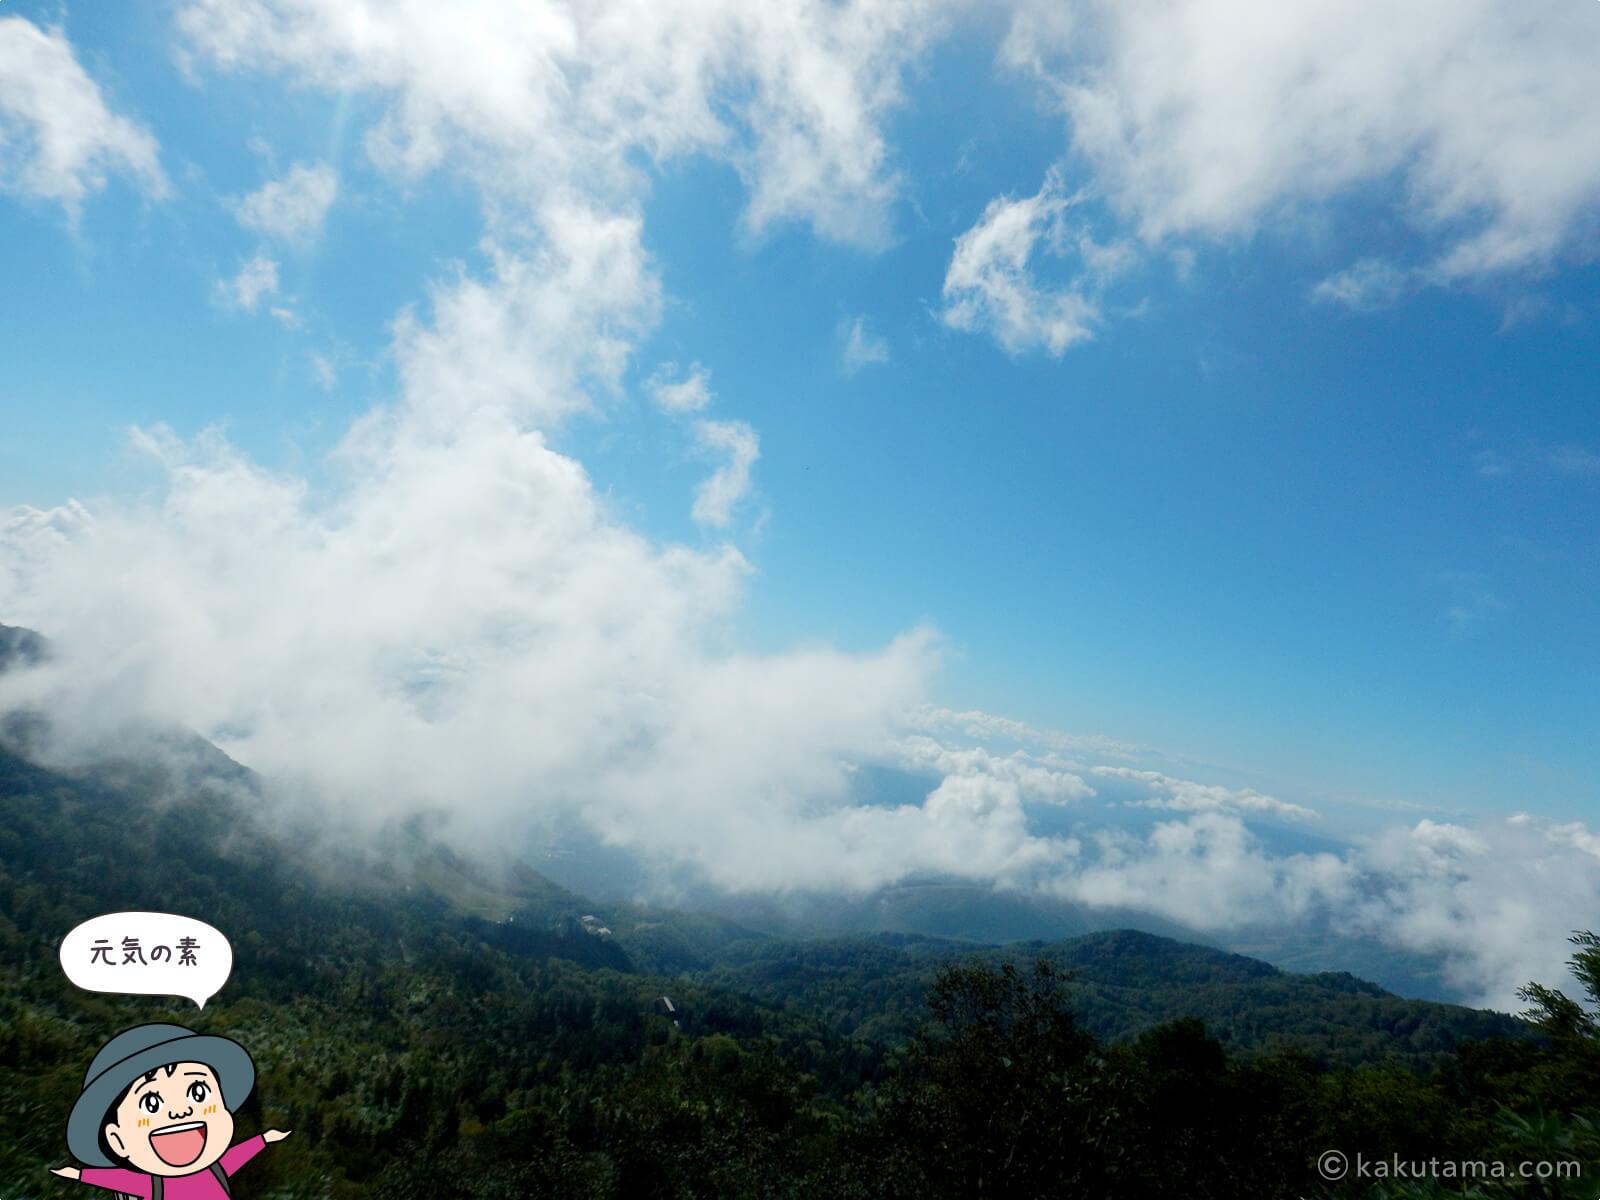 登山道から見上げた空